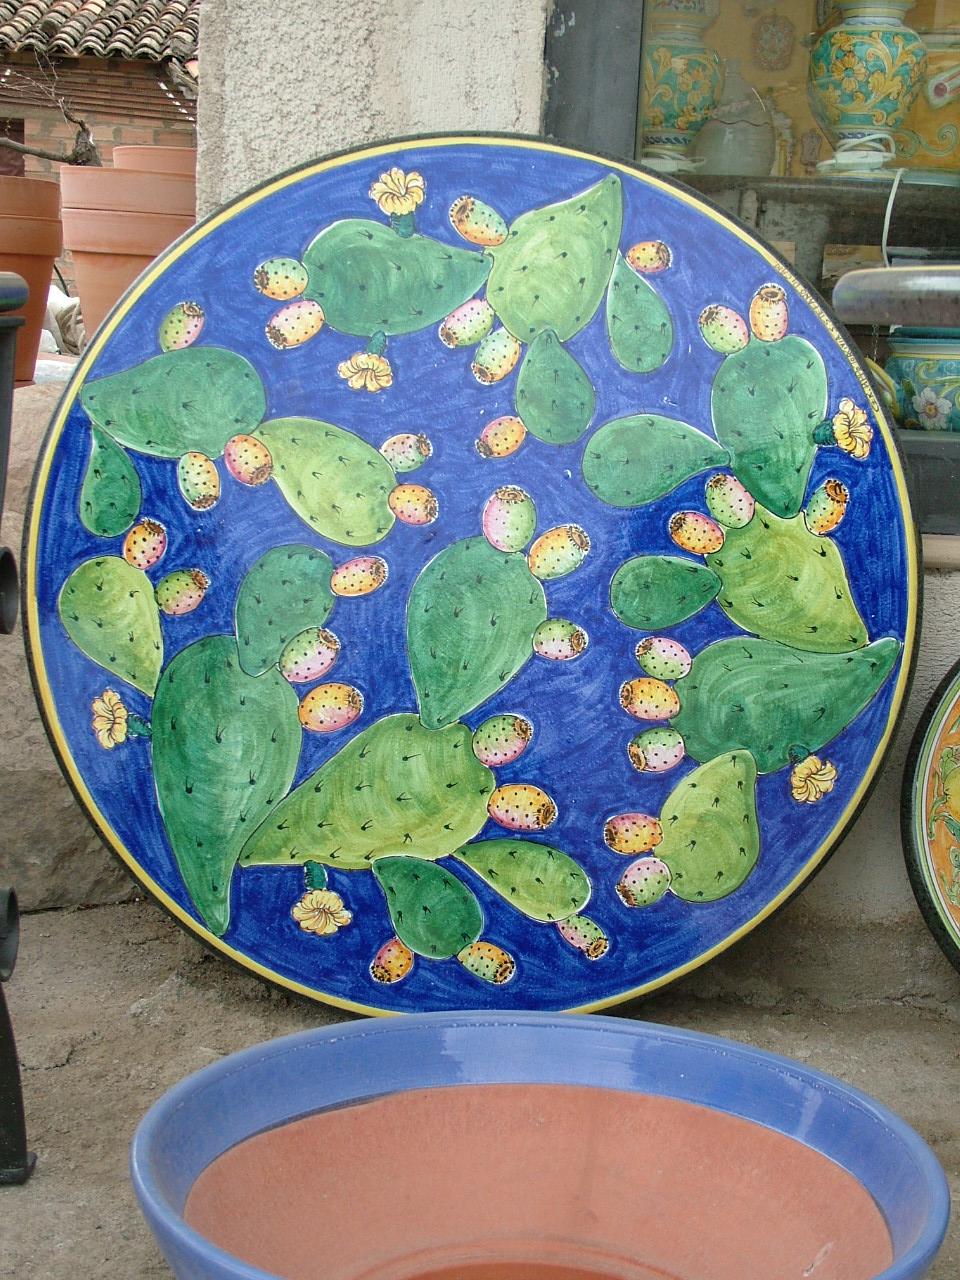 Scheda prodotto: tavolo decoro fichi d'india blu ceramiche ...